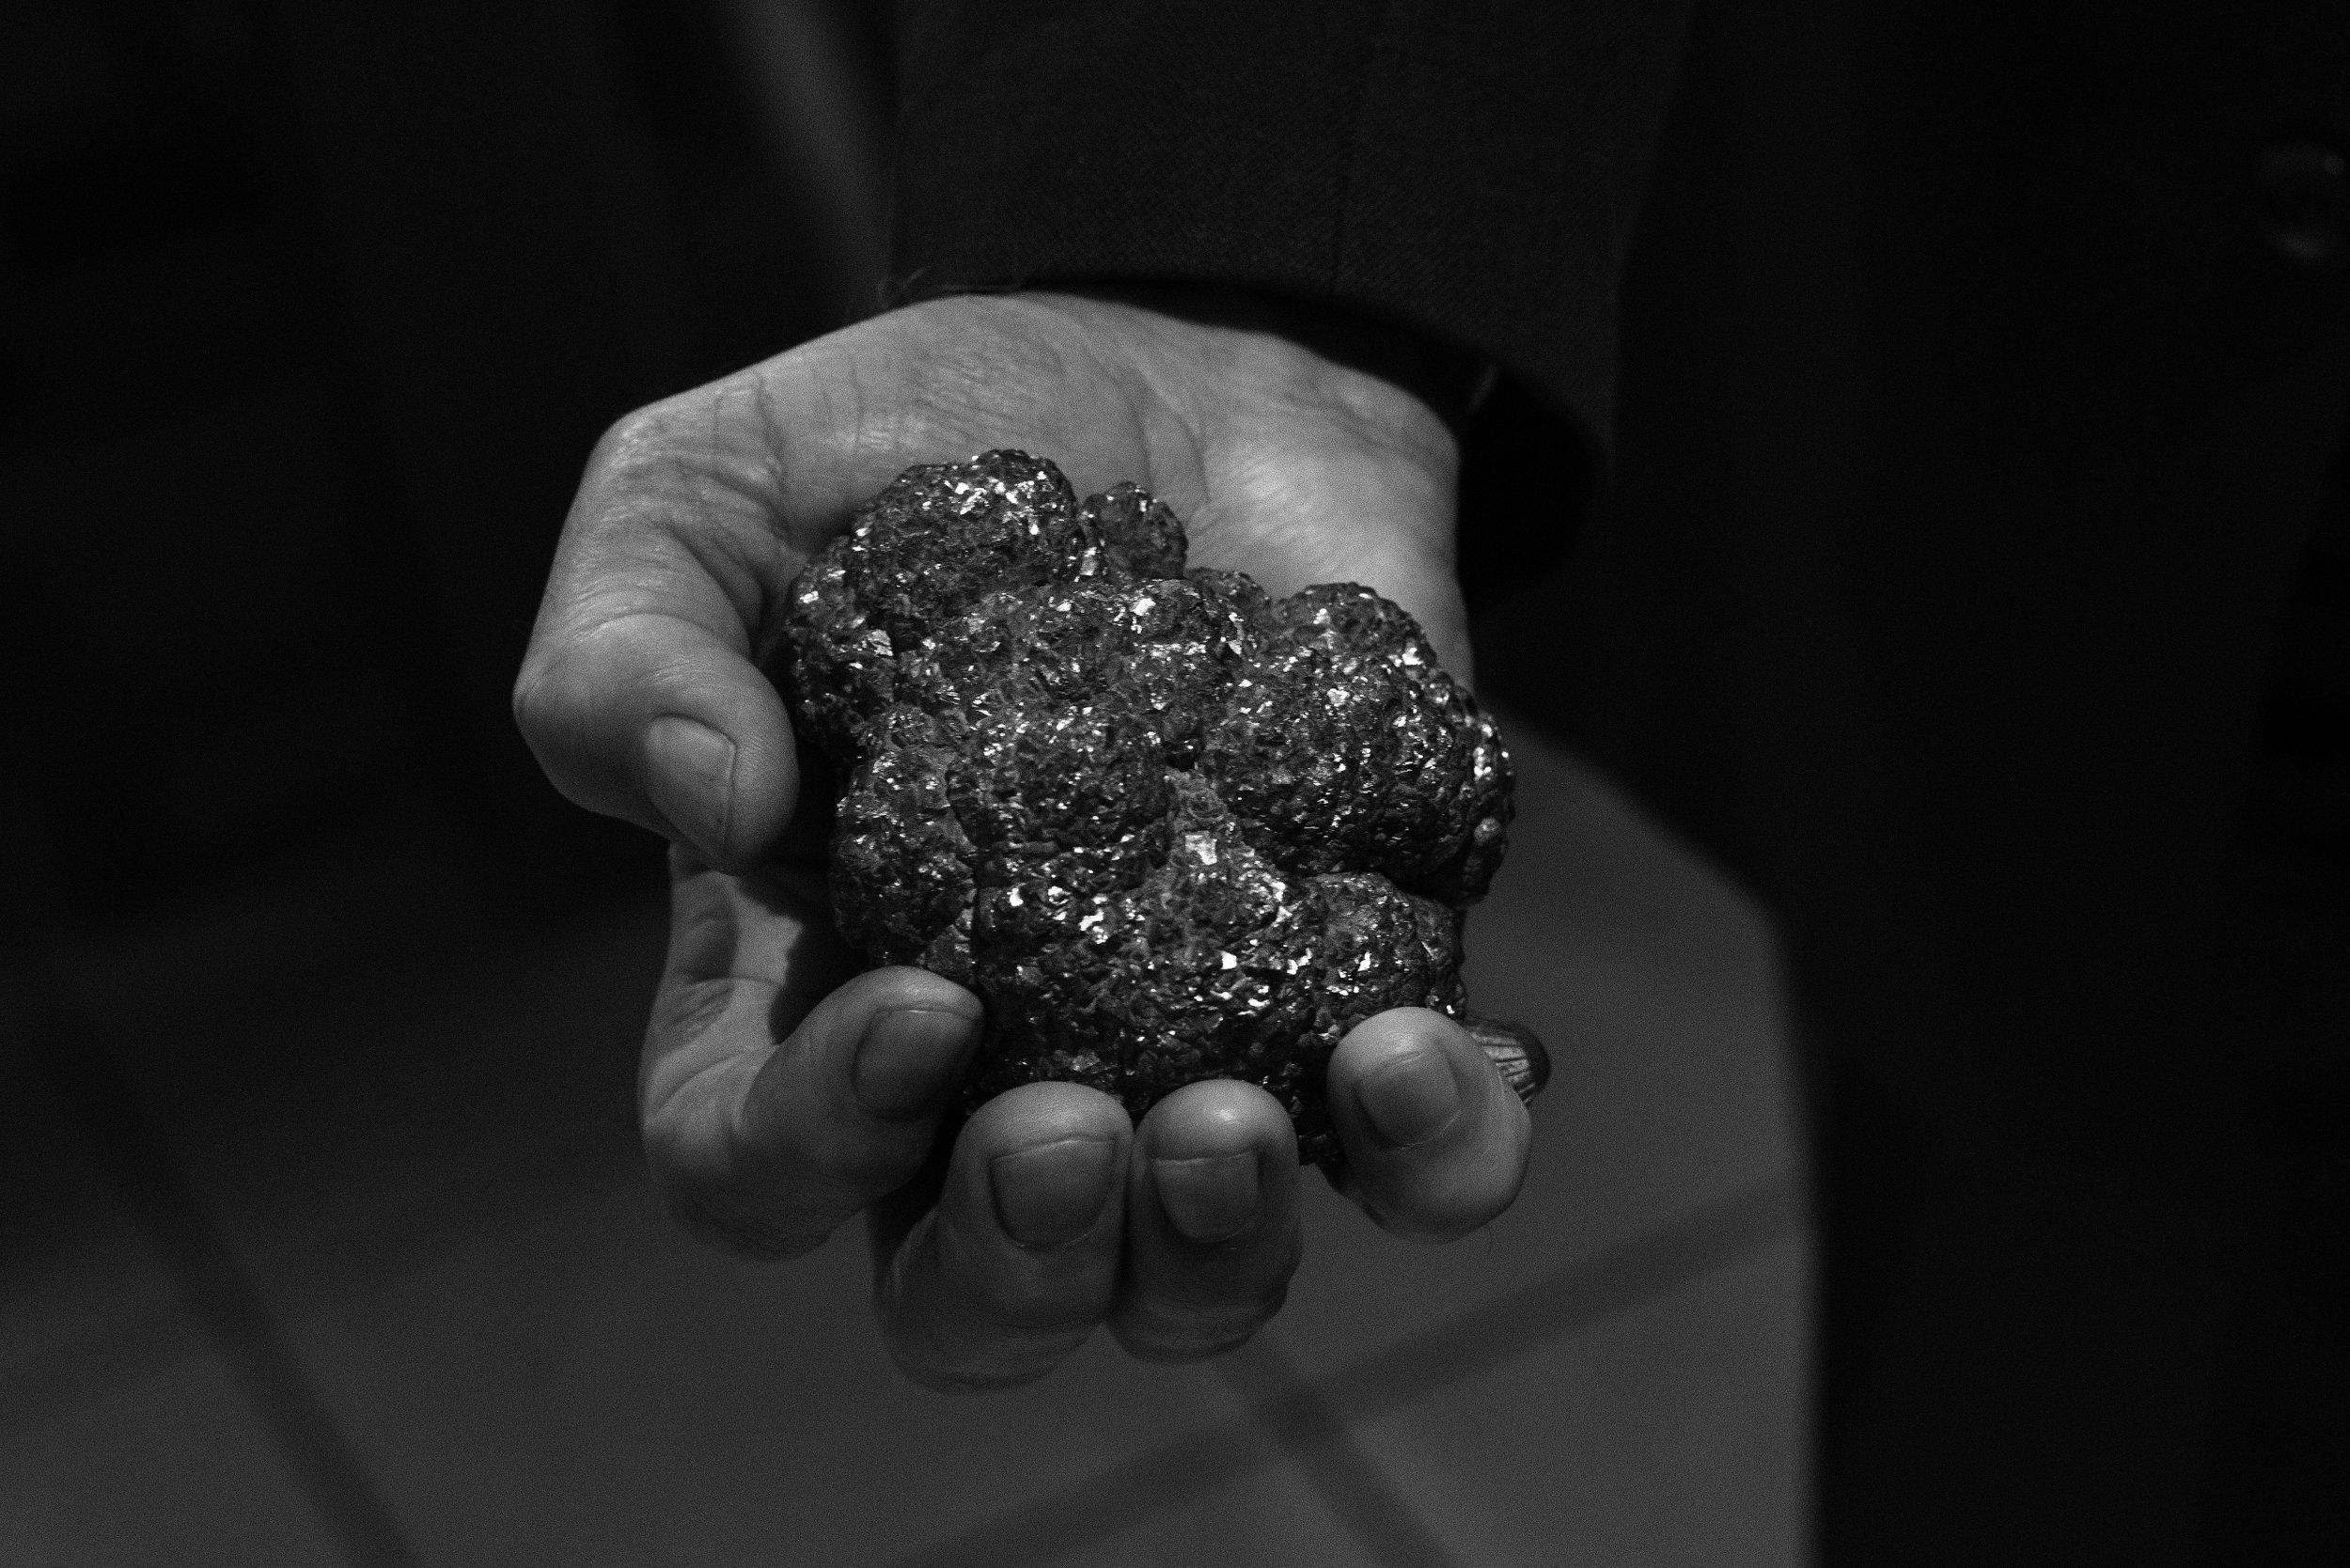 LaToya Ruby Frazier, Un morceau de pyrite dans la main d'Ali, Hensies, Borinage, 13 décembre 2016, de la série Et des terrils un arbre s'élèvera, 2016-2017 © Collection MAC's.